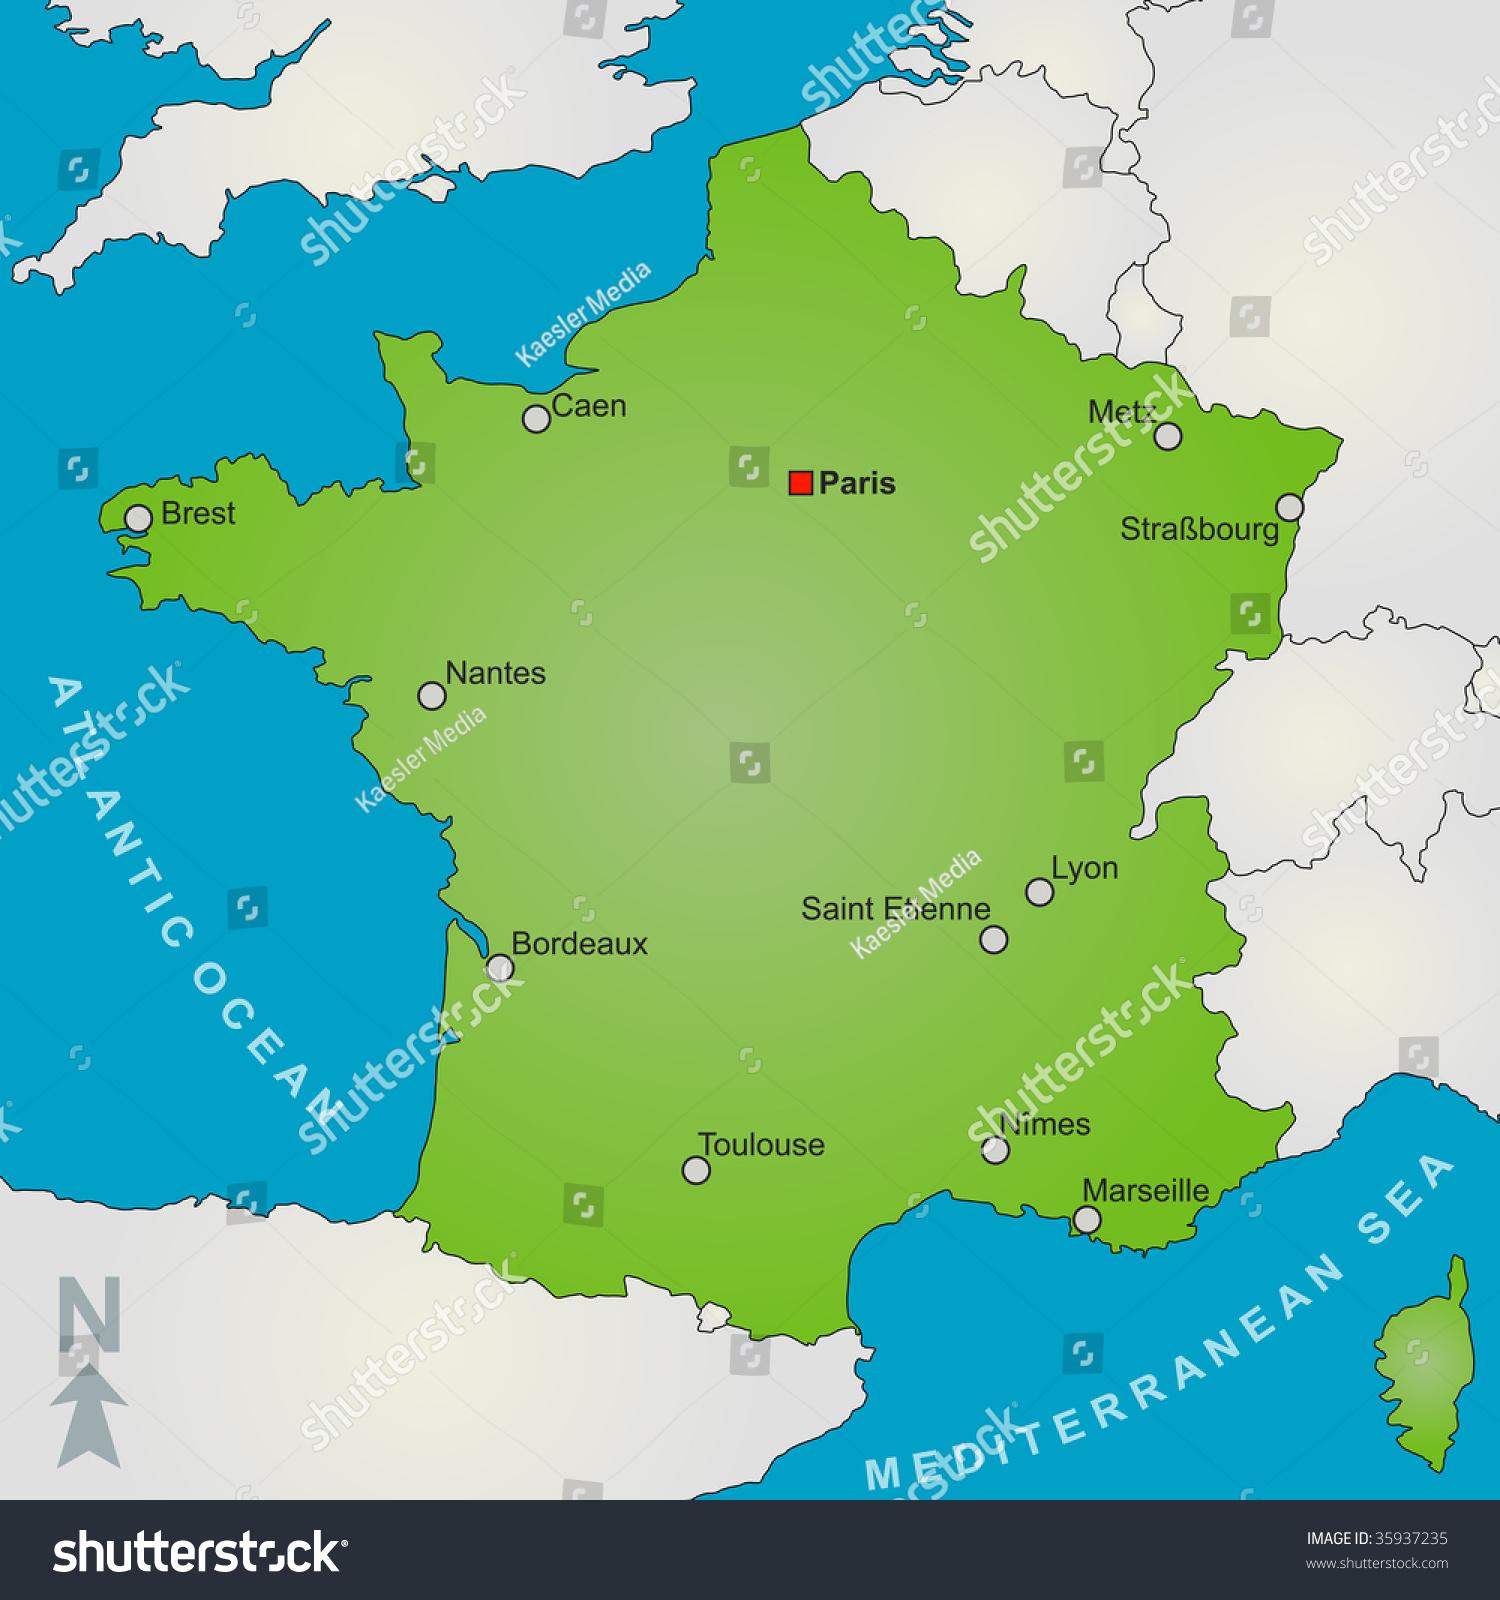 法国的地图显示几个大城市和周边国家.-背景/素材,/图